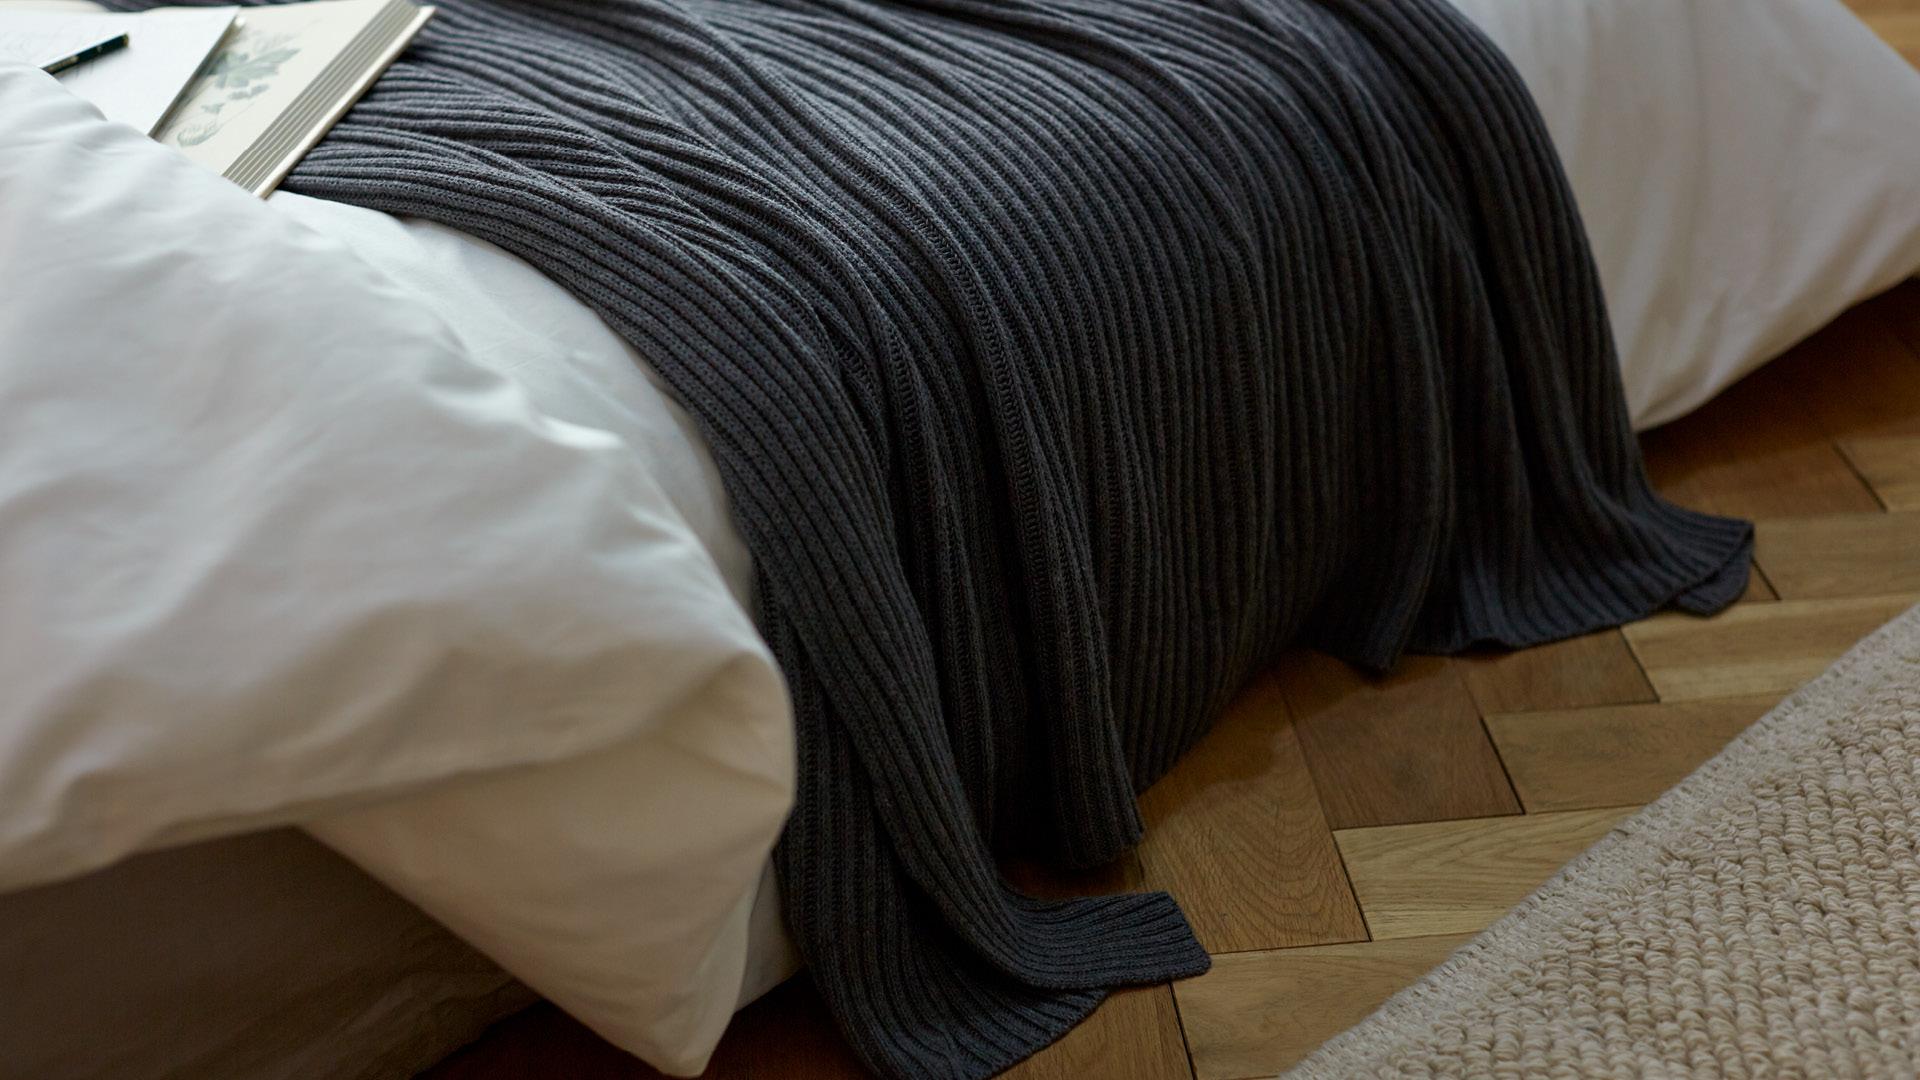 沉静夜灰,留给卧室的安睡色